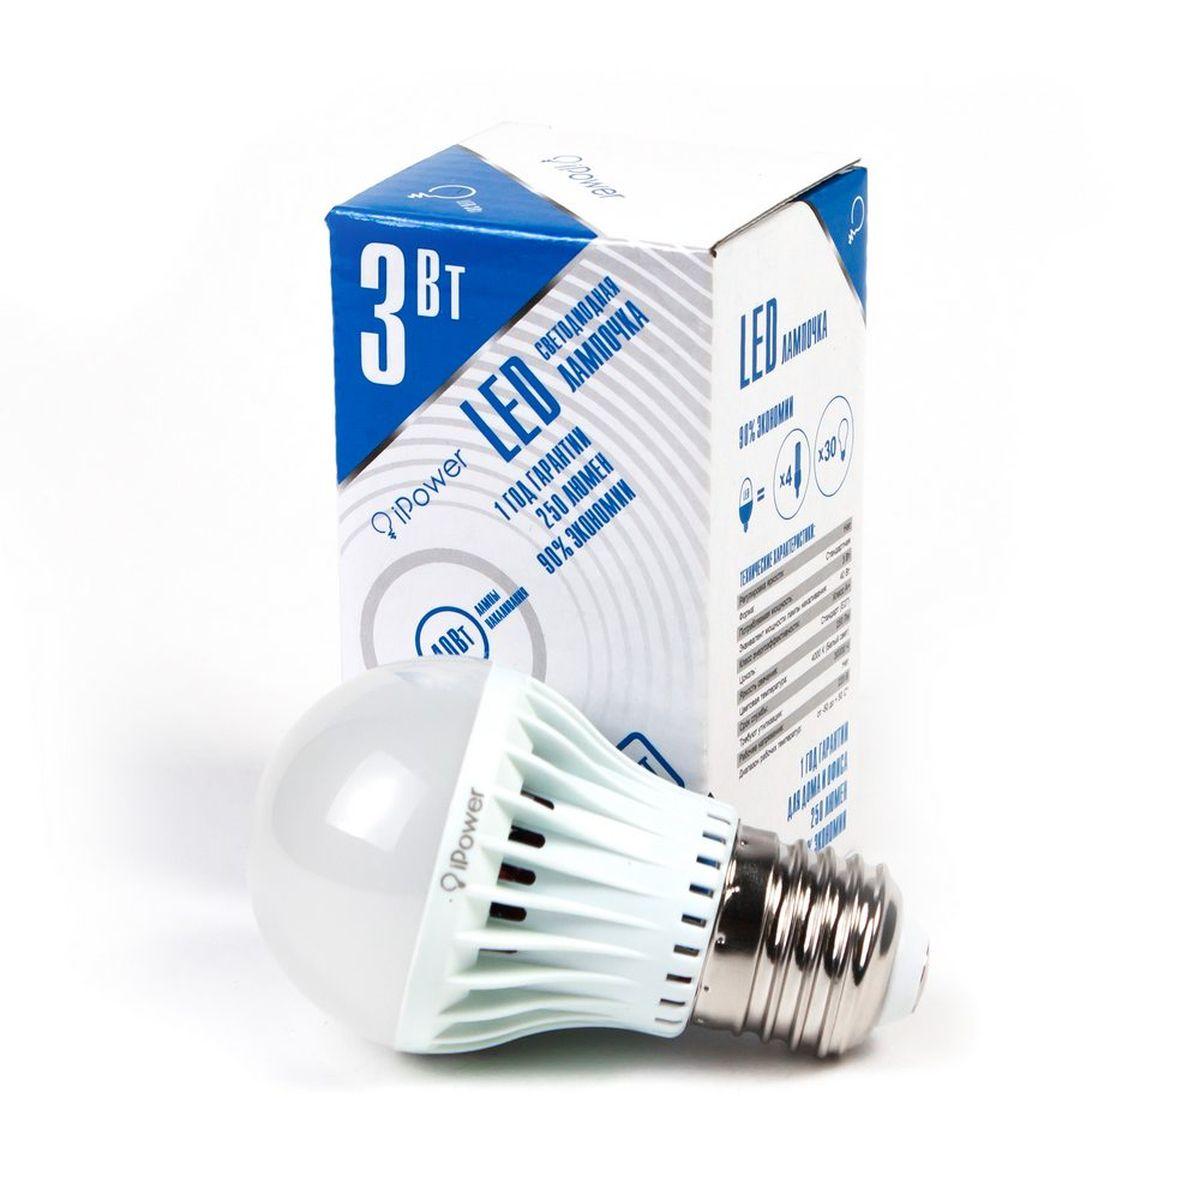 Лампа светодиодная iPower, цоколь Е27, 3W, 4000КC0044702Светодиодная лампа iPower имеет очень низкое энергопотребление. В сравнении с лампами накаливания LED потребляет в 12 разменьше электричества, а в сравнении с энергосберегающими - в 2-4 раза меньше. При этом срок службы LED лампочки в 5 раз выше, чемэнергосберегающей, и в 50 раз выше, чем у лампы накаливания. Светодиодная лампа iPower создает мягкий рассеивающий свет безмерцаний, что совершенно безопасно для глаз. Она специально разработана по требованиям российских и европейских законов и подходит ковсем осветительным устройствам, совместимым со стандартным цоколем E27. Использование светодиодов от мирового лидера Epistar - этозалог надежной и стабильной работы лампы. Нейтральный белый оттенок свечения идеально подойдёт для освещения, как офисов,образовательных и медицинских учреждений, так и кухни, гостиной.Диапазон рабочих температур: от -50°C до +50°С.Материал: поликарбонат.Потребляемая мощность: 3 Вт.Рабочее напряжение: В 220В.Световая температура: 4000К (белый свет).Срок службы: 30000 часов.Форма: стандарт.Цоколь: стандарт (E27).Эквивалент мощности лампы накаливания: 40 Вт.Яркость свечения: 250 Лм.